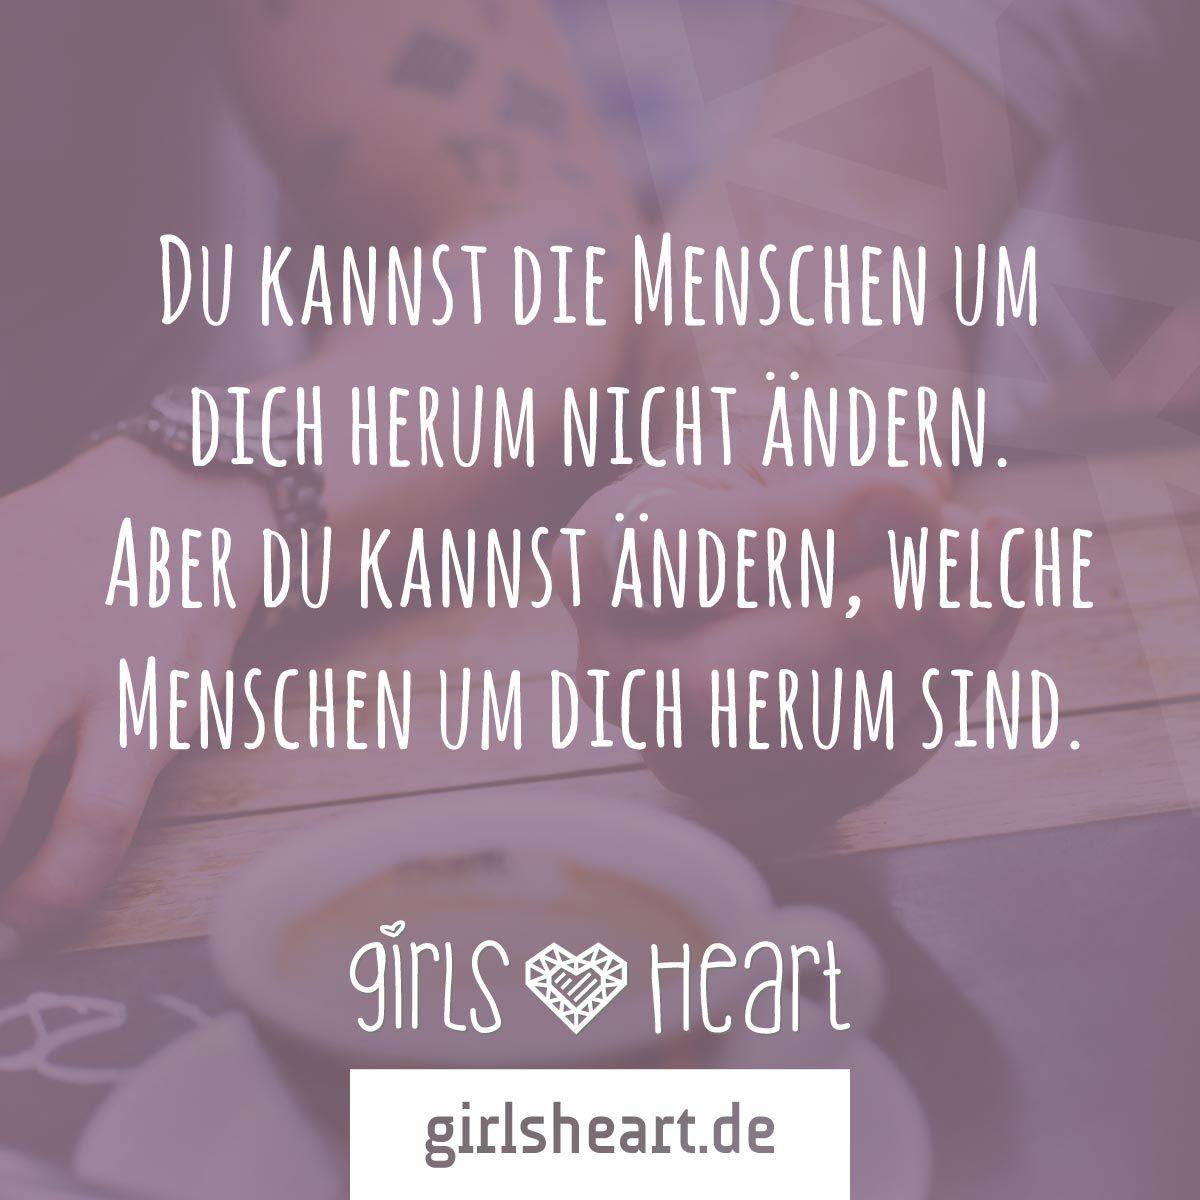 Mehr Sprüche Auf: Www.girlsheart.de #freunde #familie #beziehung